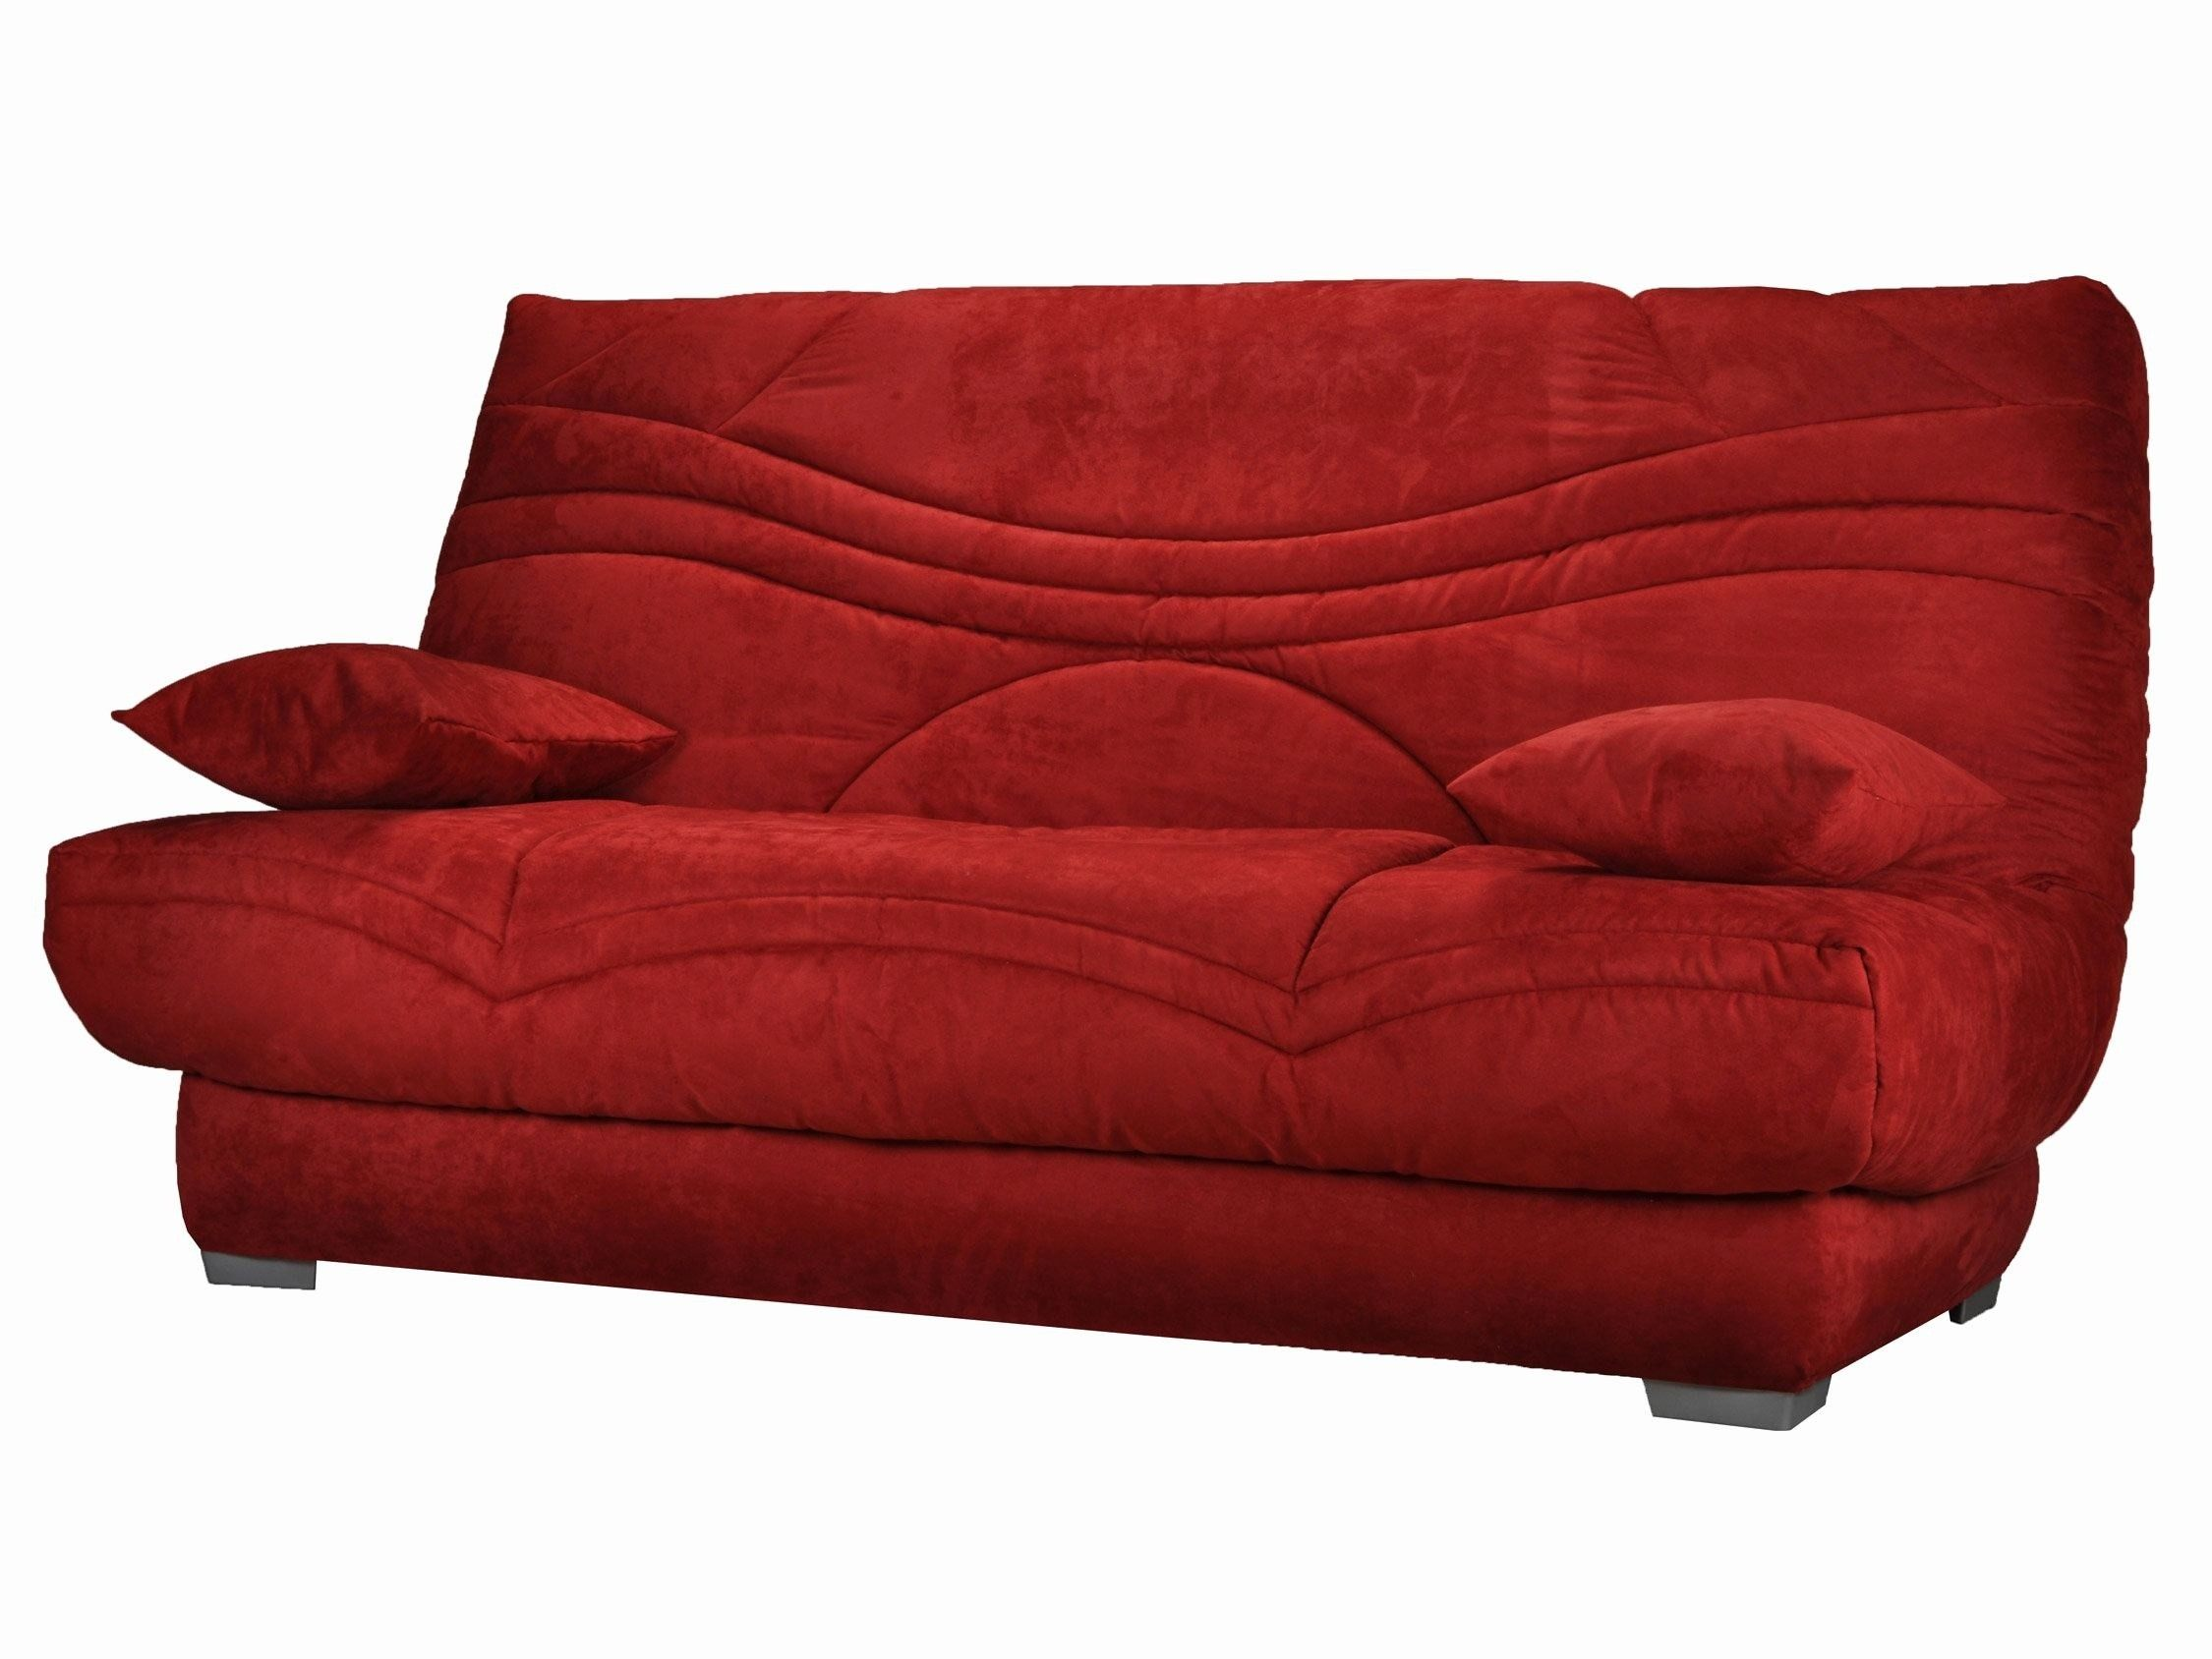 Canapé Lit Clic Clac Élégant Canapé Couchage Housse Canape Clic Clac Best Housse Clic Clac Simili